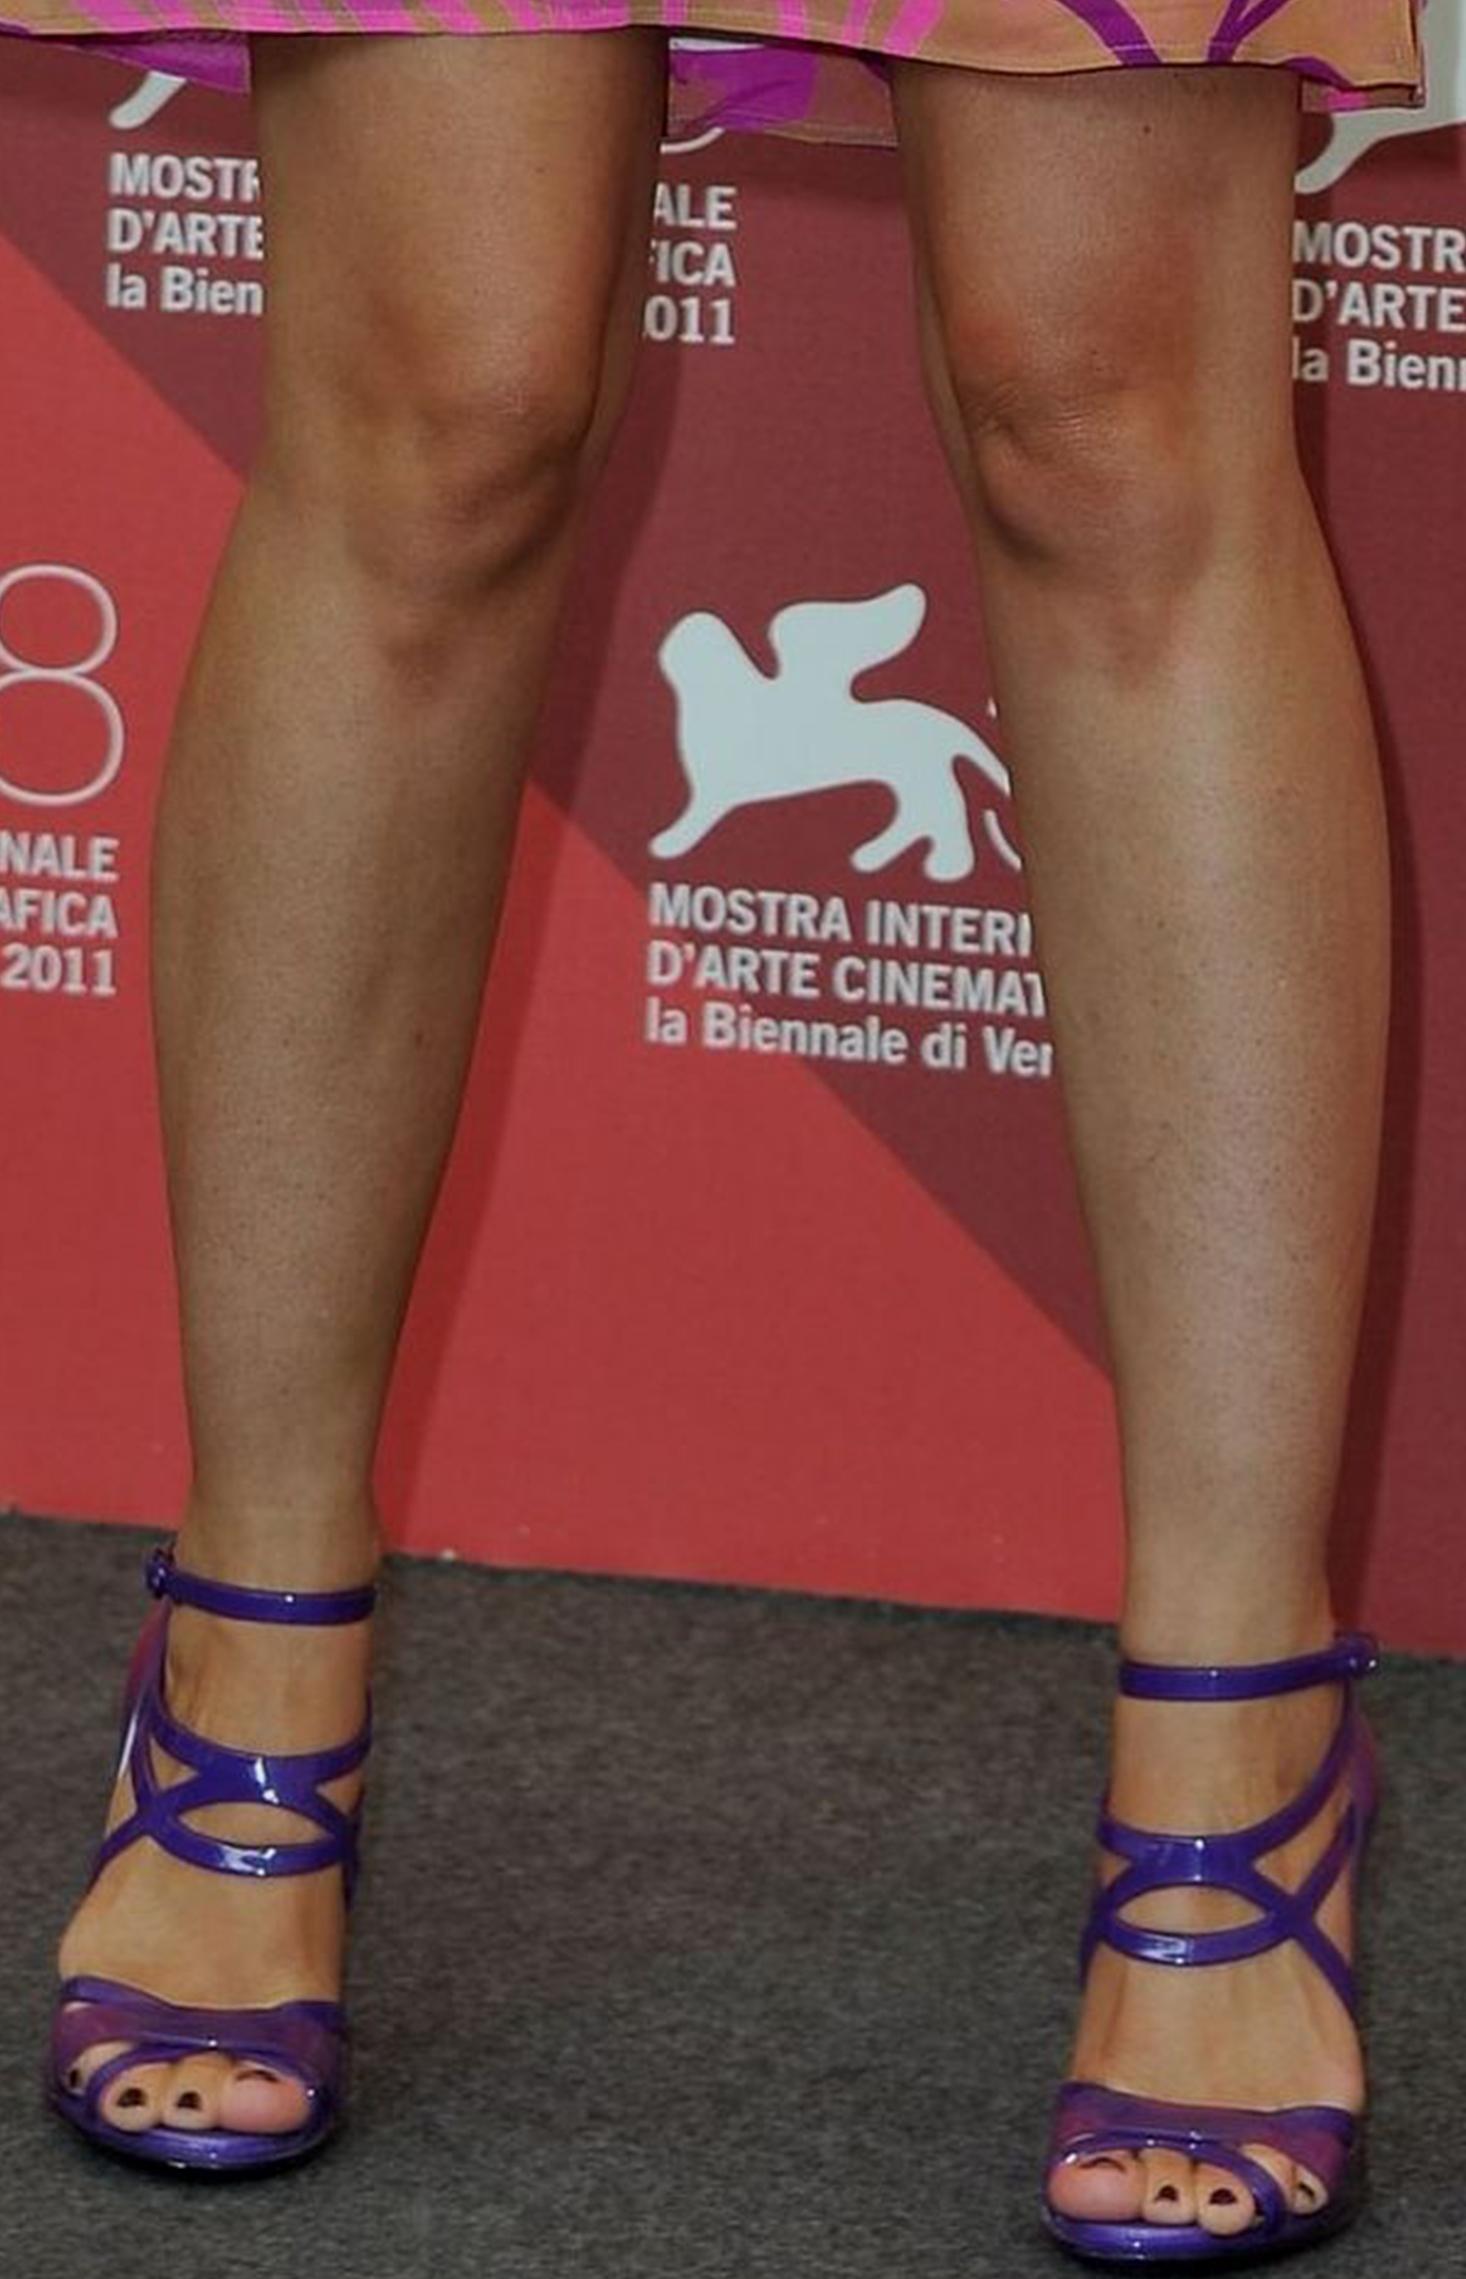 Maria de medeiros feet